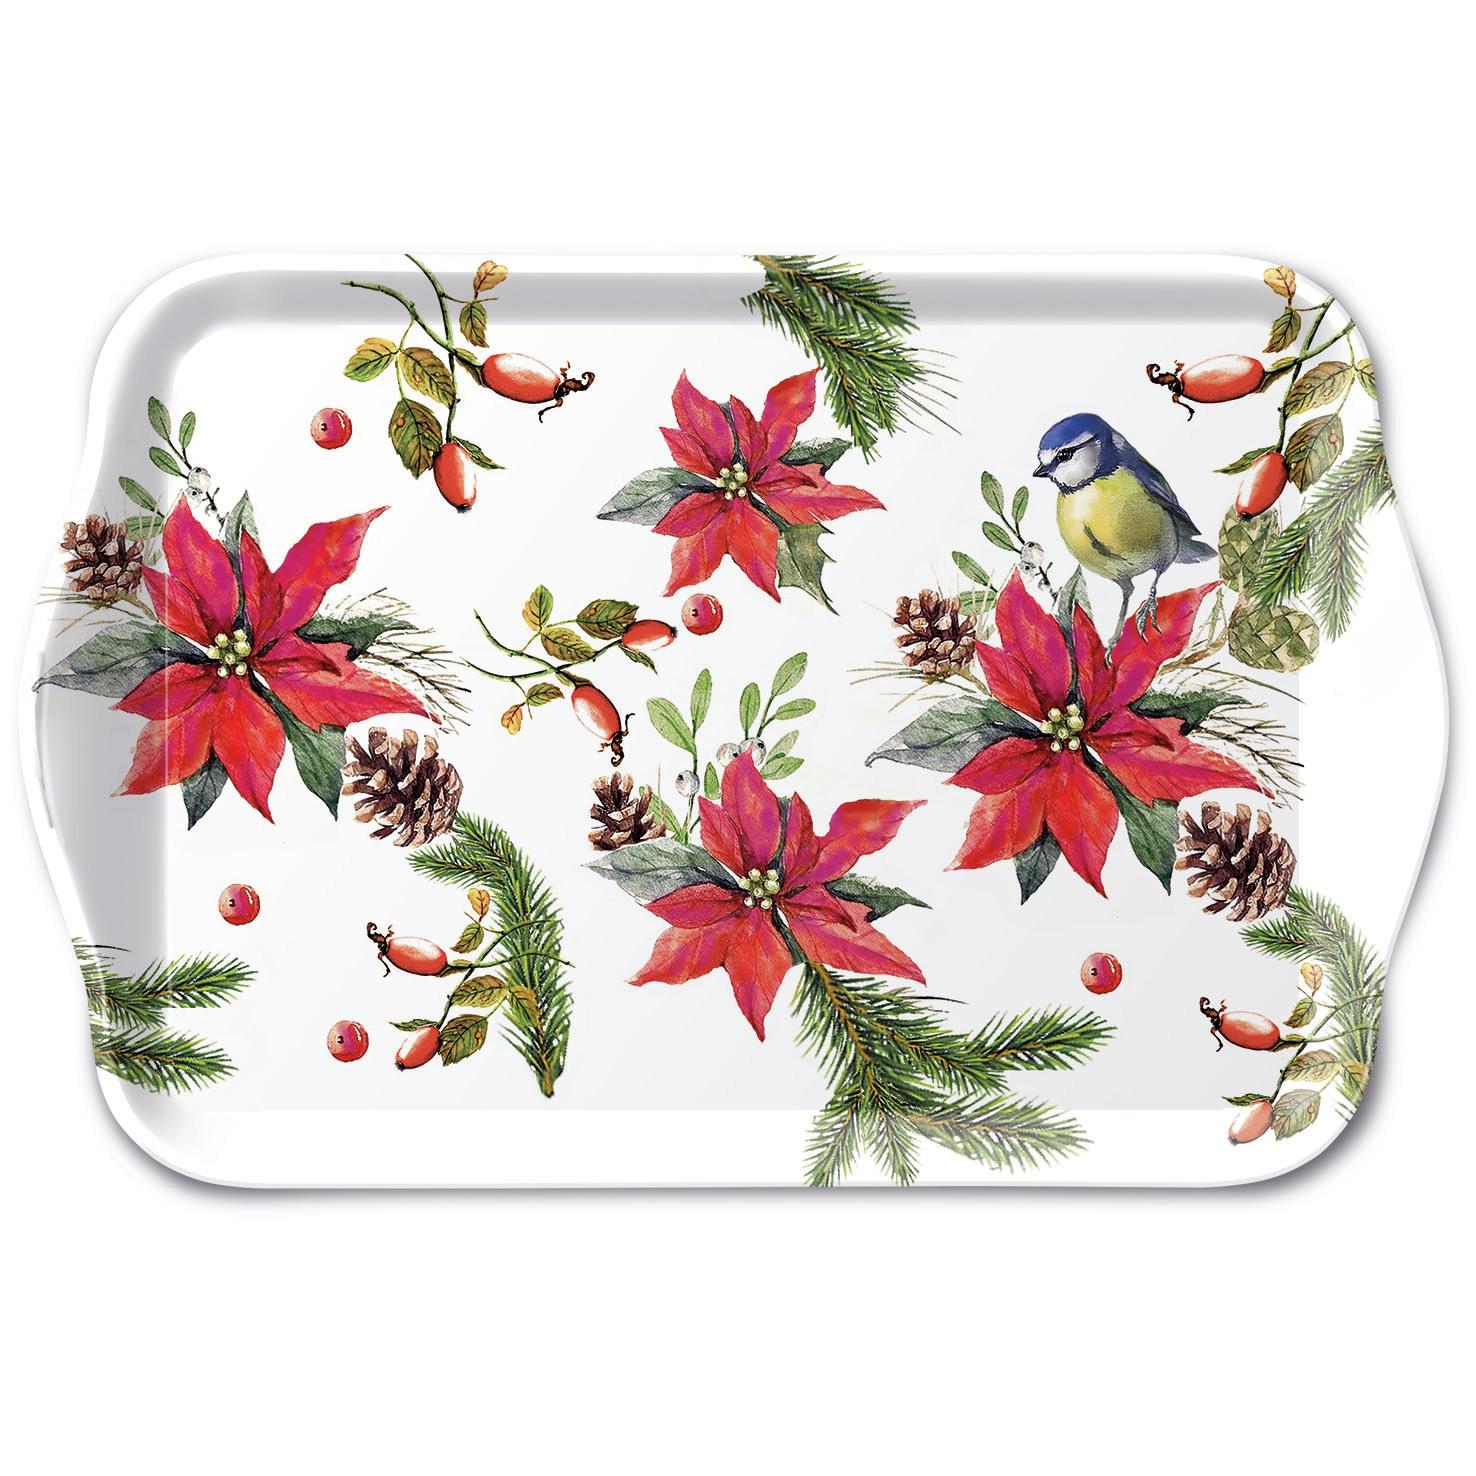 tray - Bird On Poinsettia White